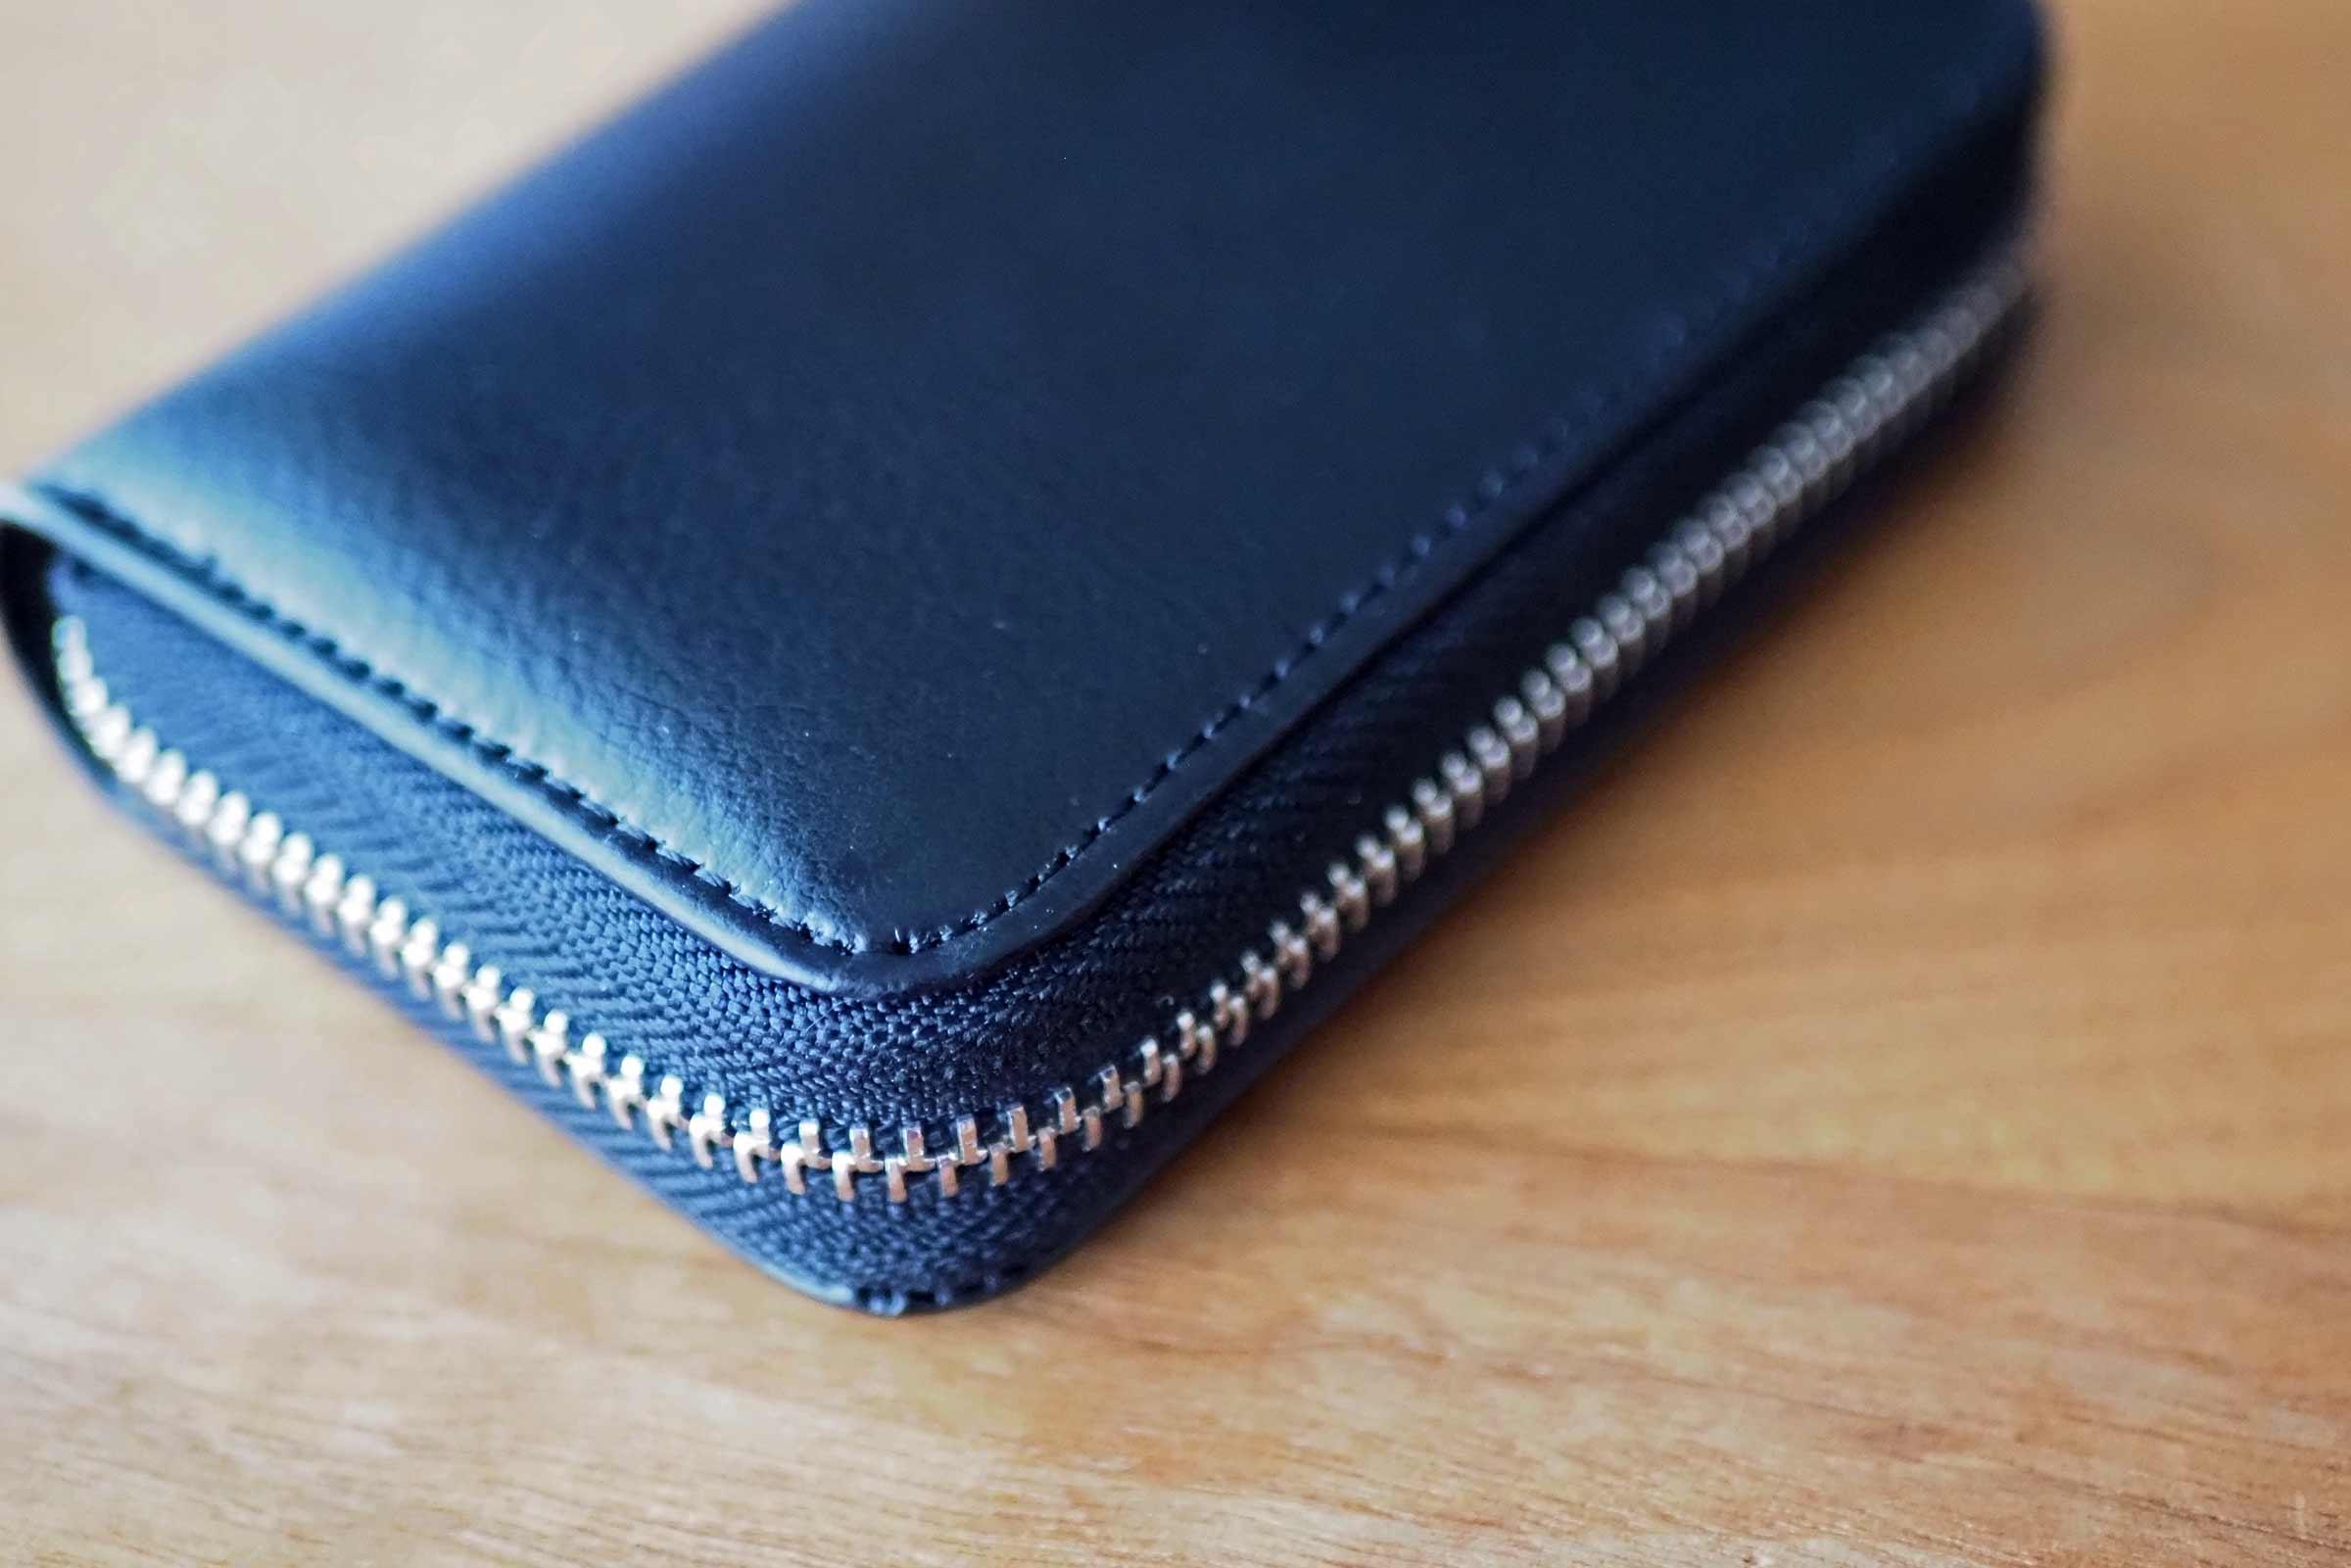 カードケース,ZAKLE,クレジットカード,本革,レザー,大容量,安い